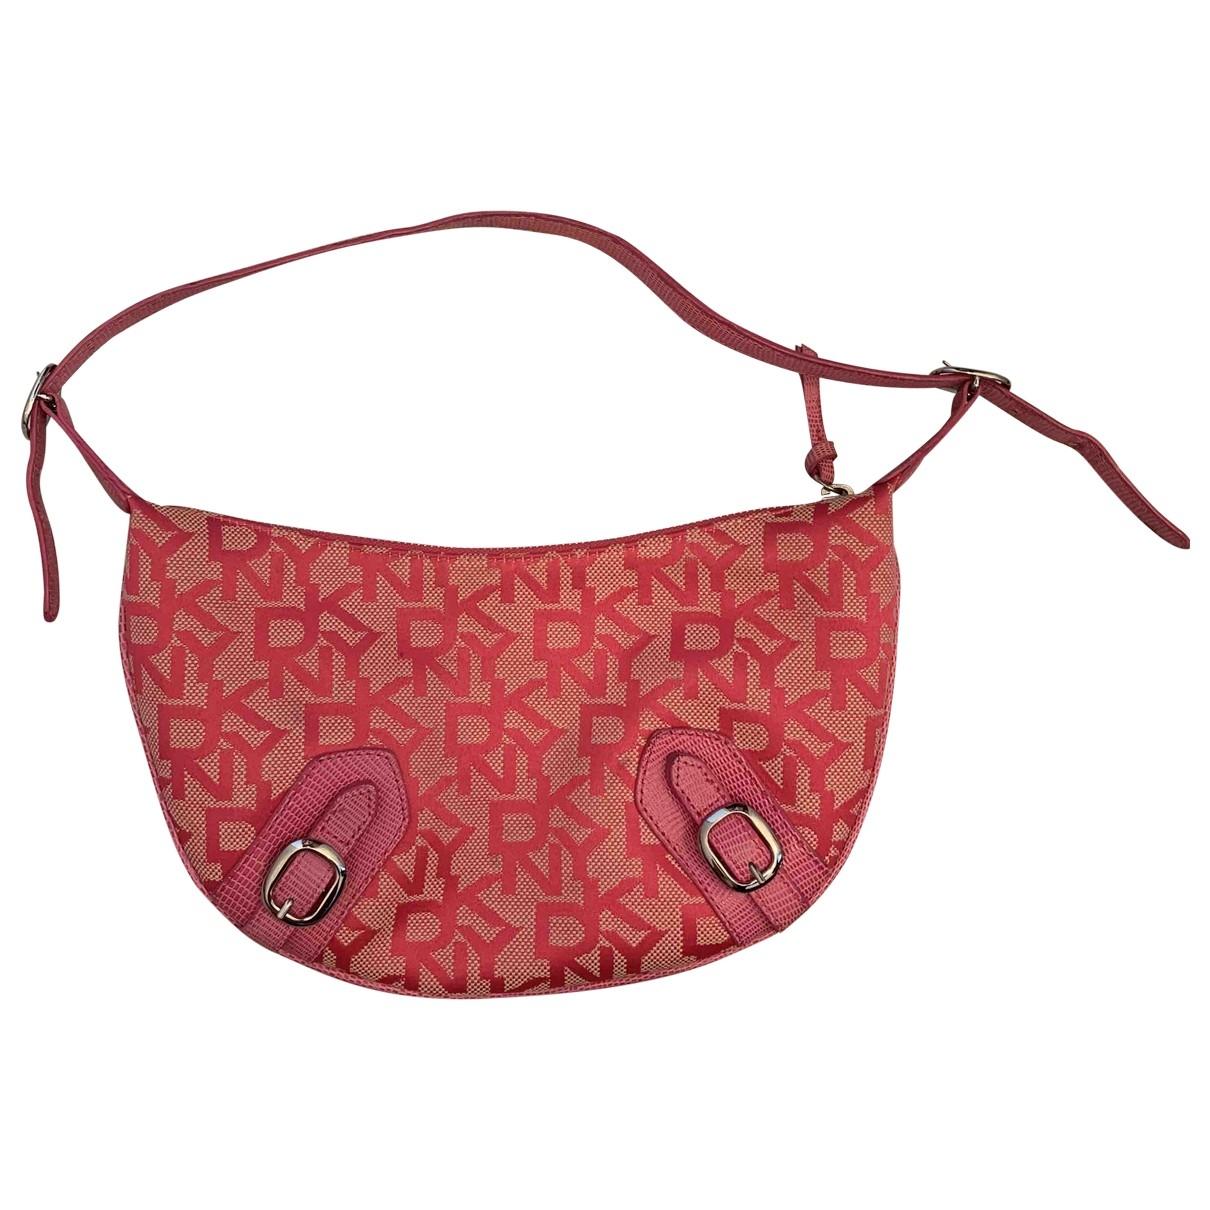 Dkny \N Handtasche in  Rosa Leinen